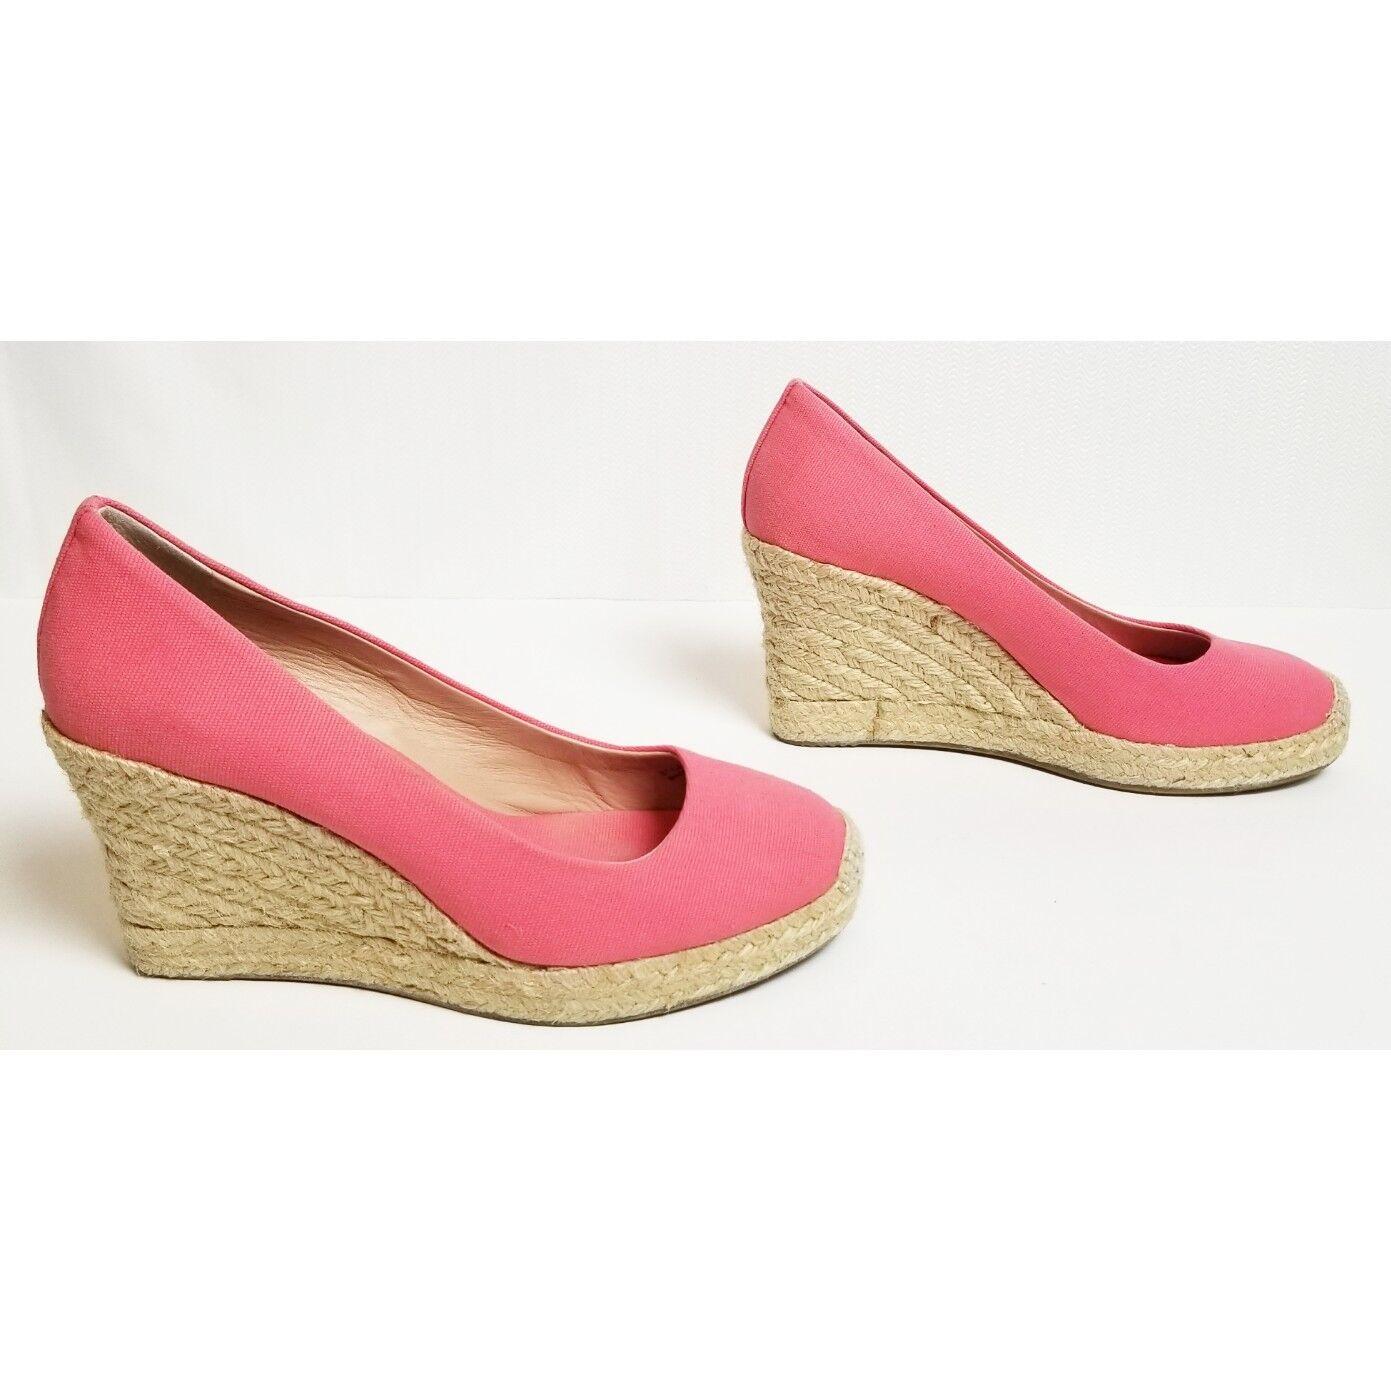 J. Crew Größe 6 1/2 Damens's Seville Espadrille pink wedge heels style 64498